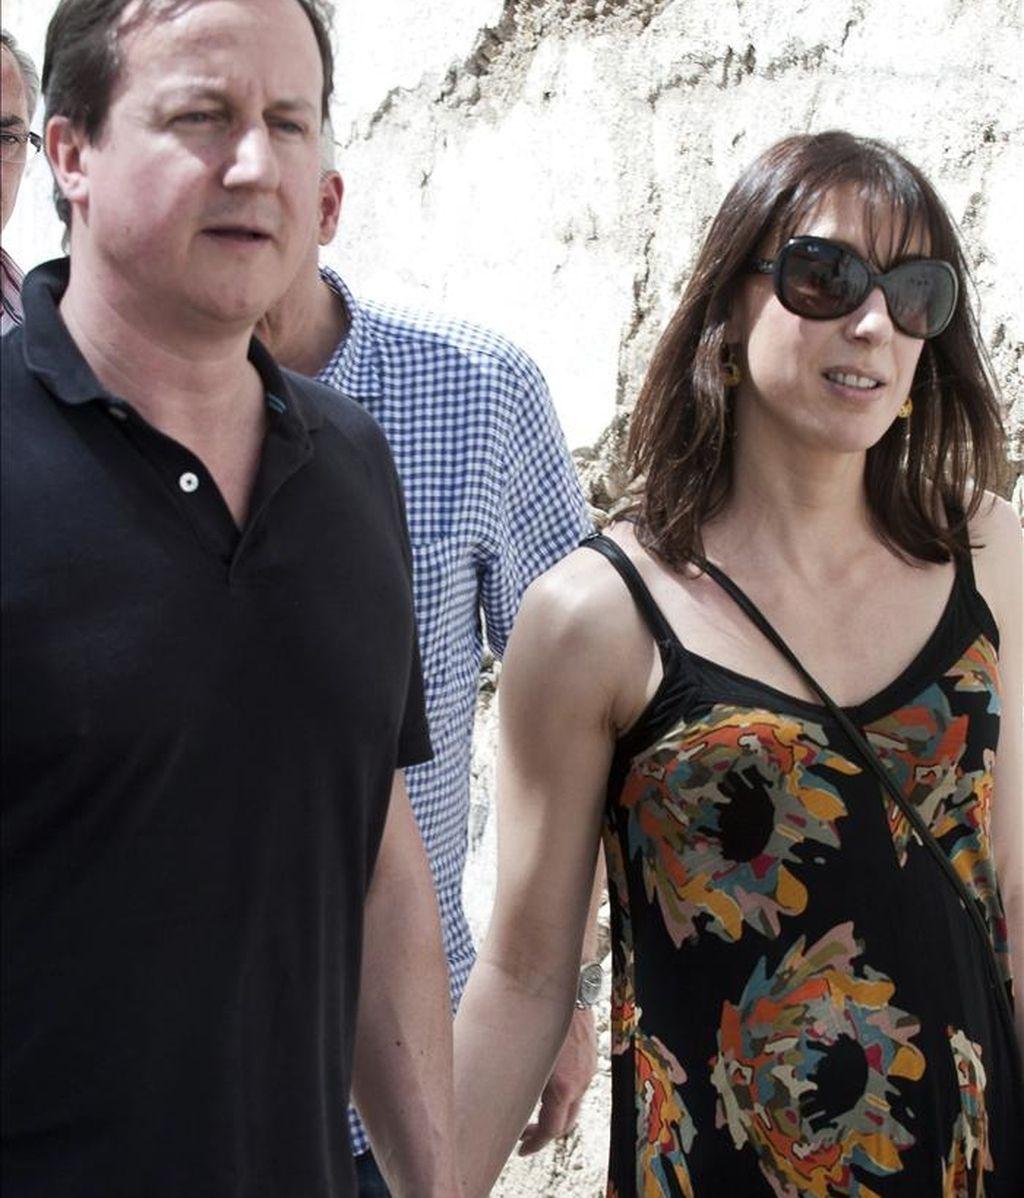 El primer ministro británico, David Cameron, y su mujer, Samantha, paseando por el barrio del Realejo en Granada, donde se alojan durante su visita privada. EFE